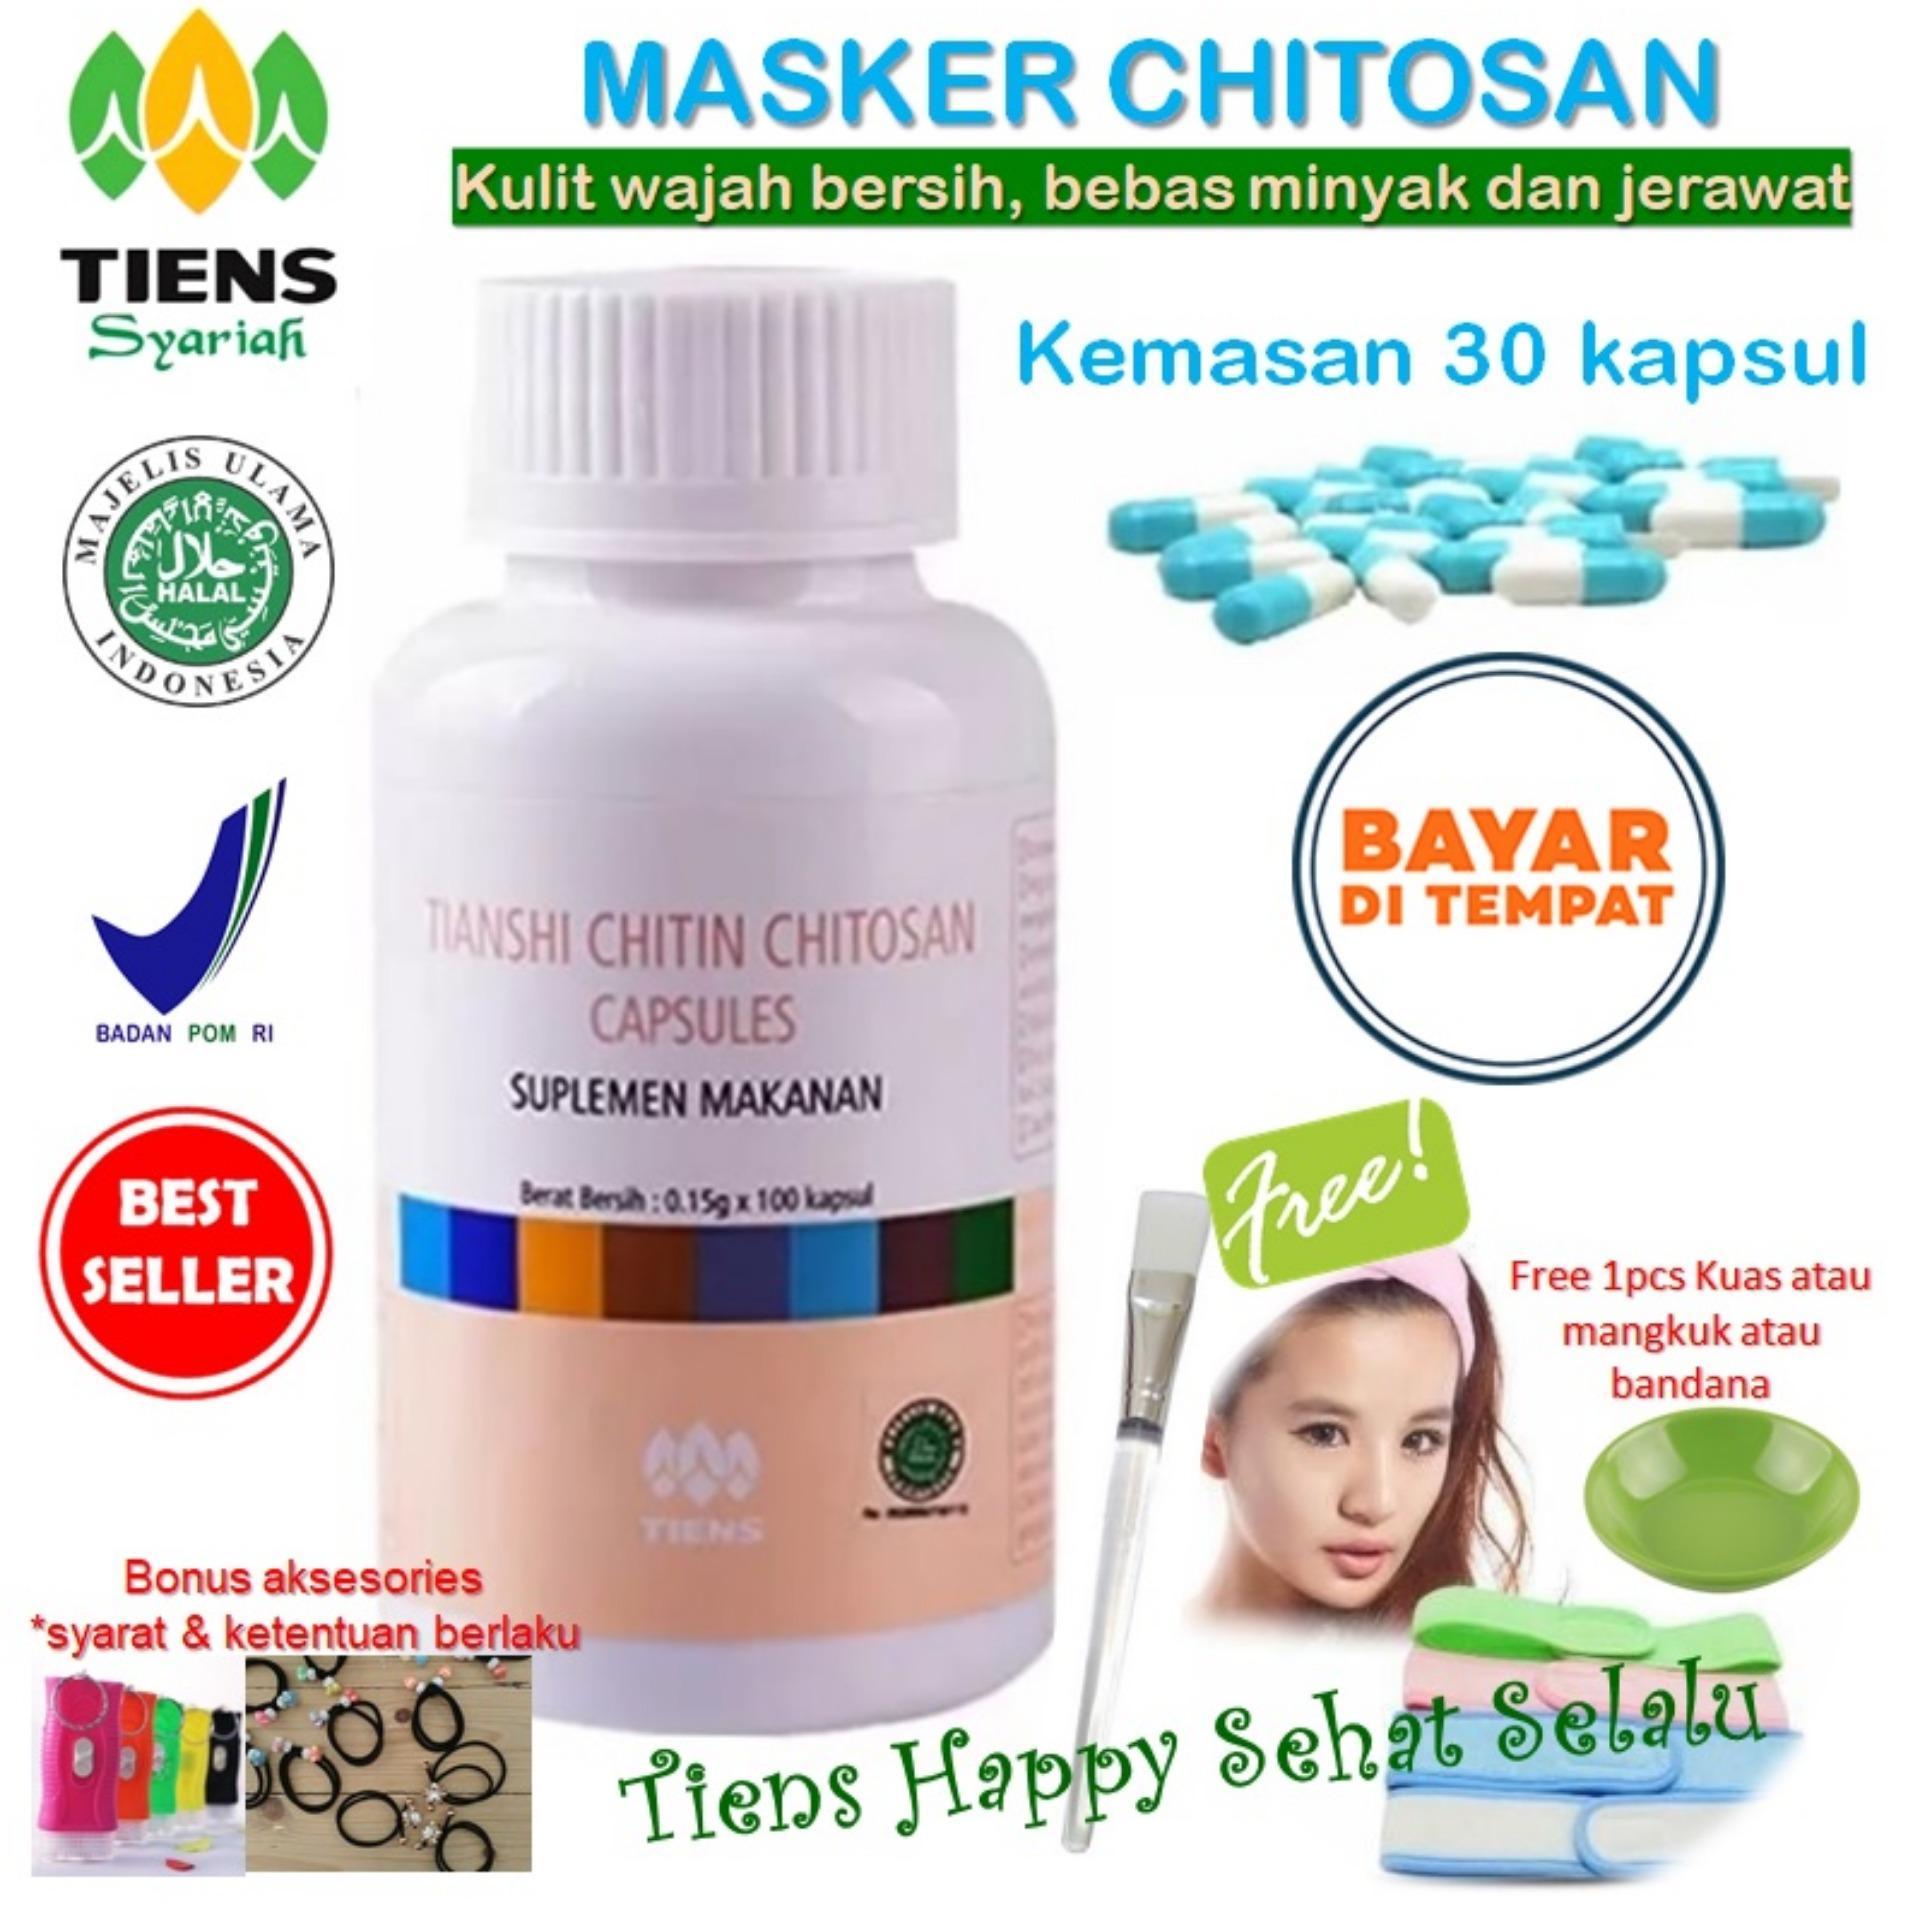 Harga Tiens Masker Chitosan Herbal Anti Jerawat Paket 30 Kapsul Tiens Happy Gratis Kuas Yang Bagus